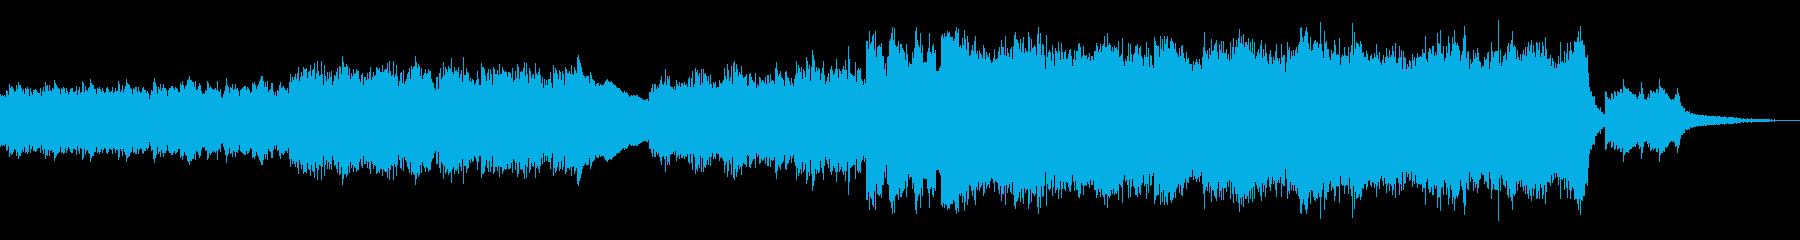 現代の交響曲 神経質 ファンタジー...の再生済みの波形